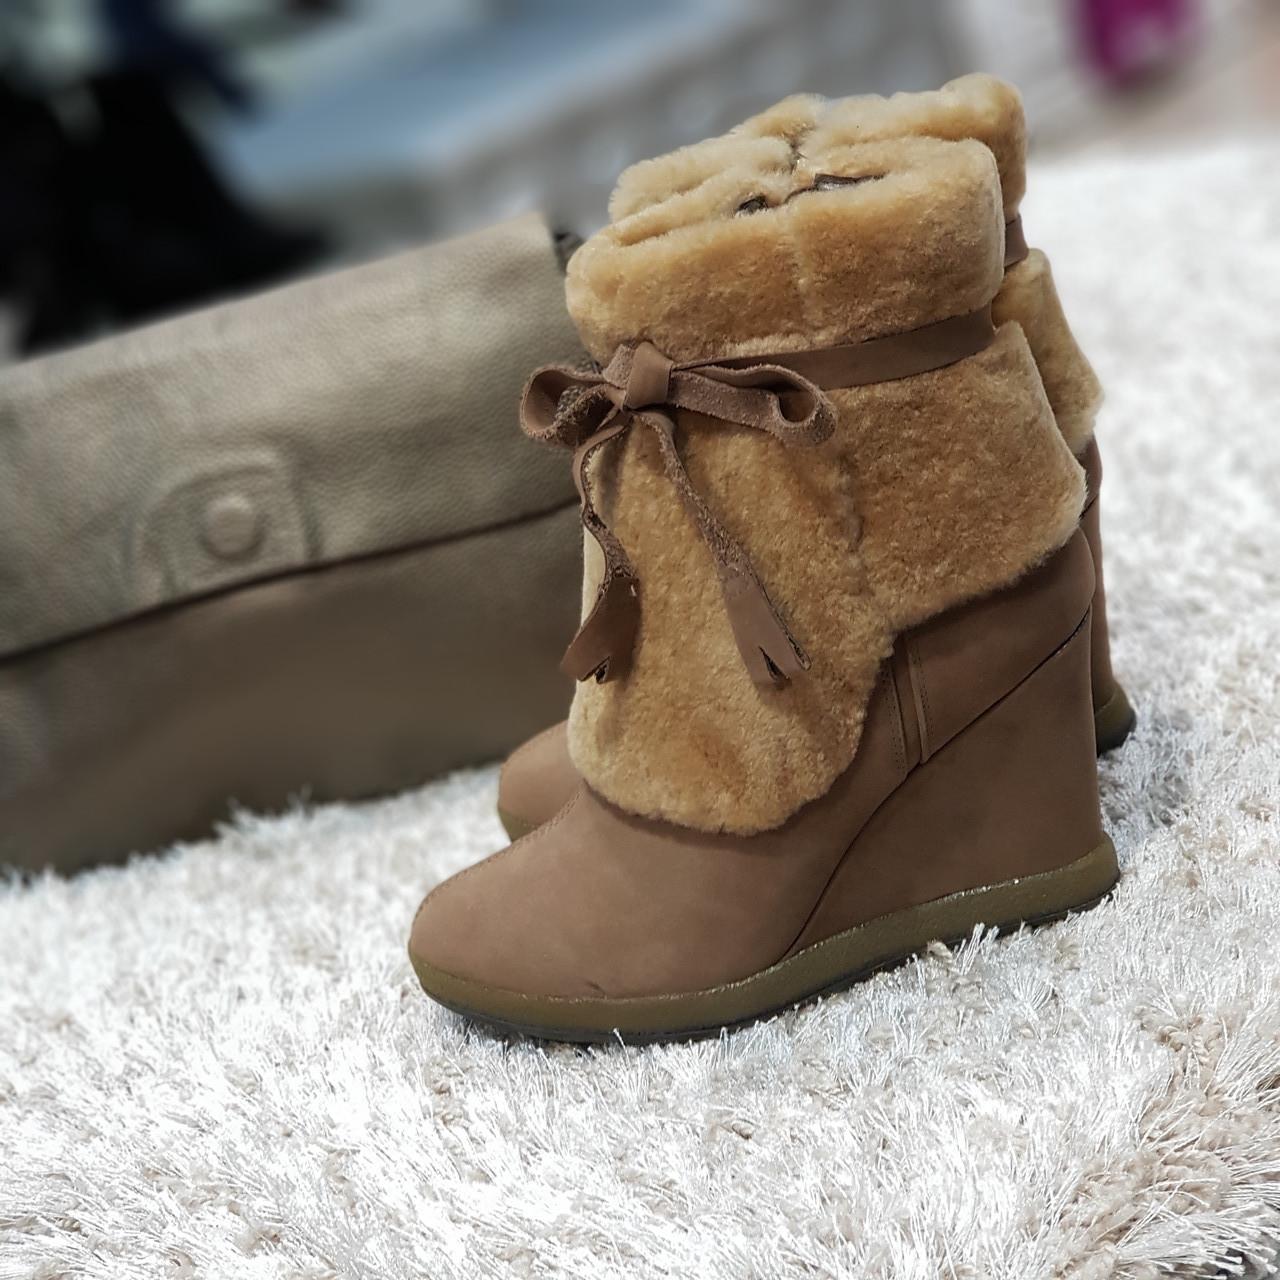 Ботинки женские зимние из натурального нубука и натурального меха на танкетке бежевые